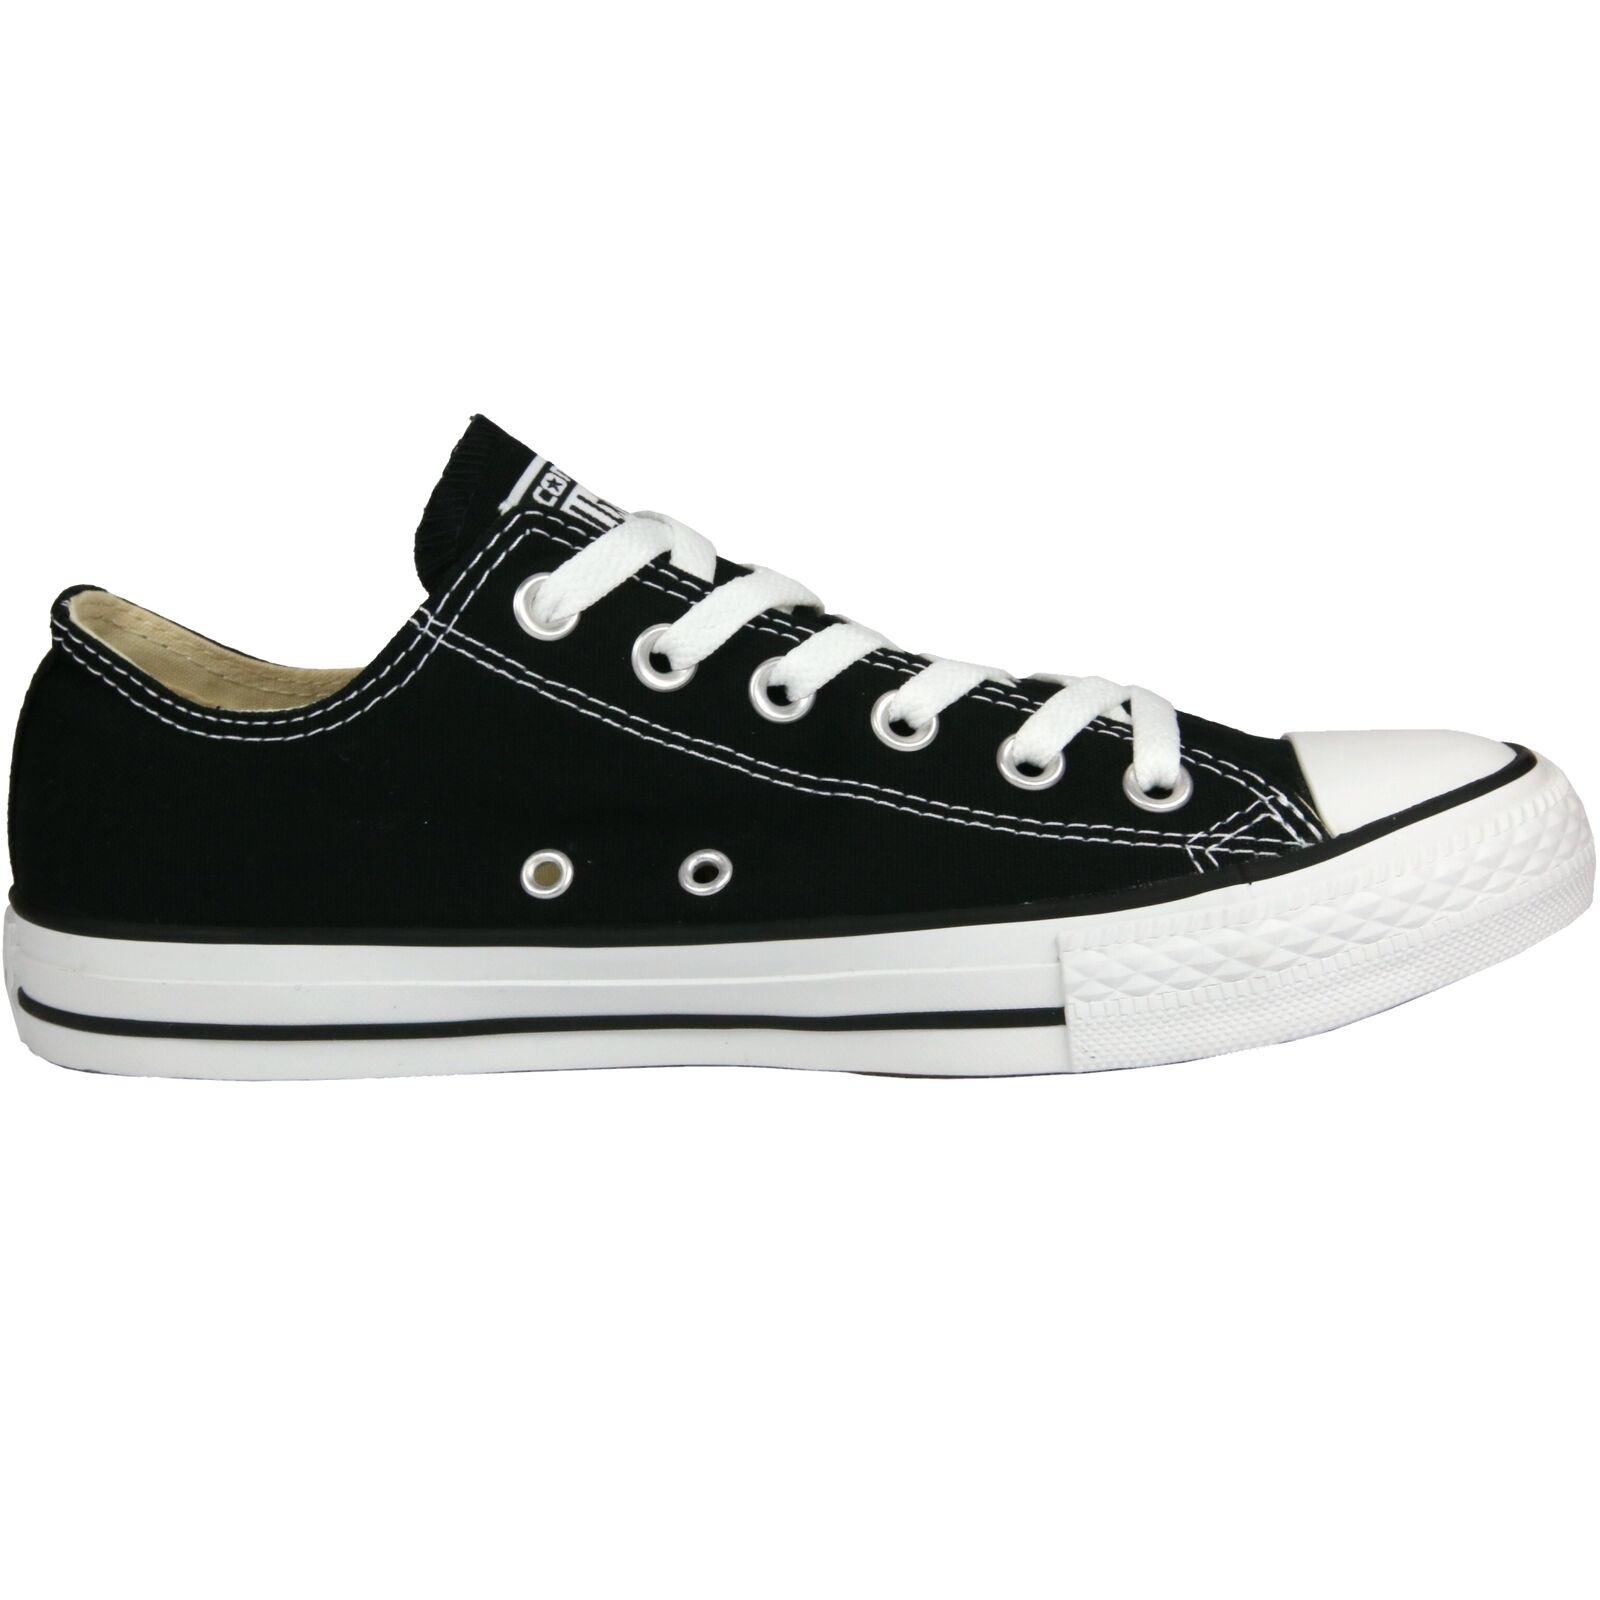 Converse Chuck Schuhe Taylor All Star Ox Schuhe Chuck Sneaker Herren Damen Diverse Farben e2611a